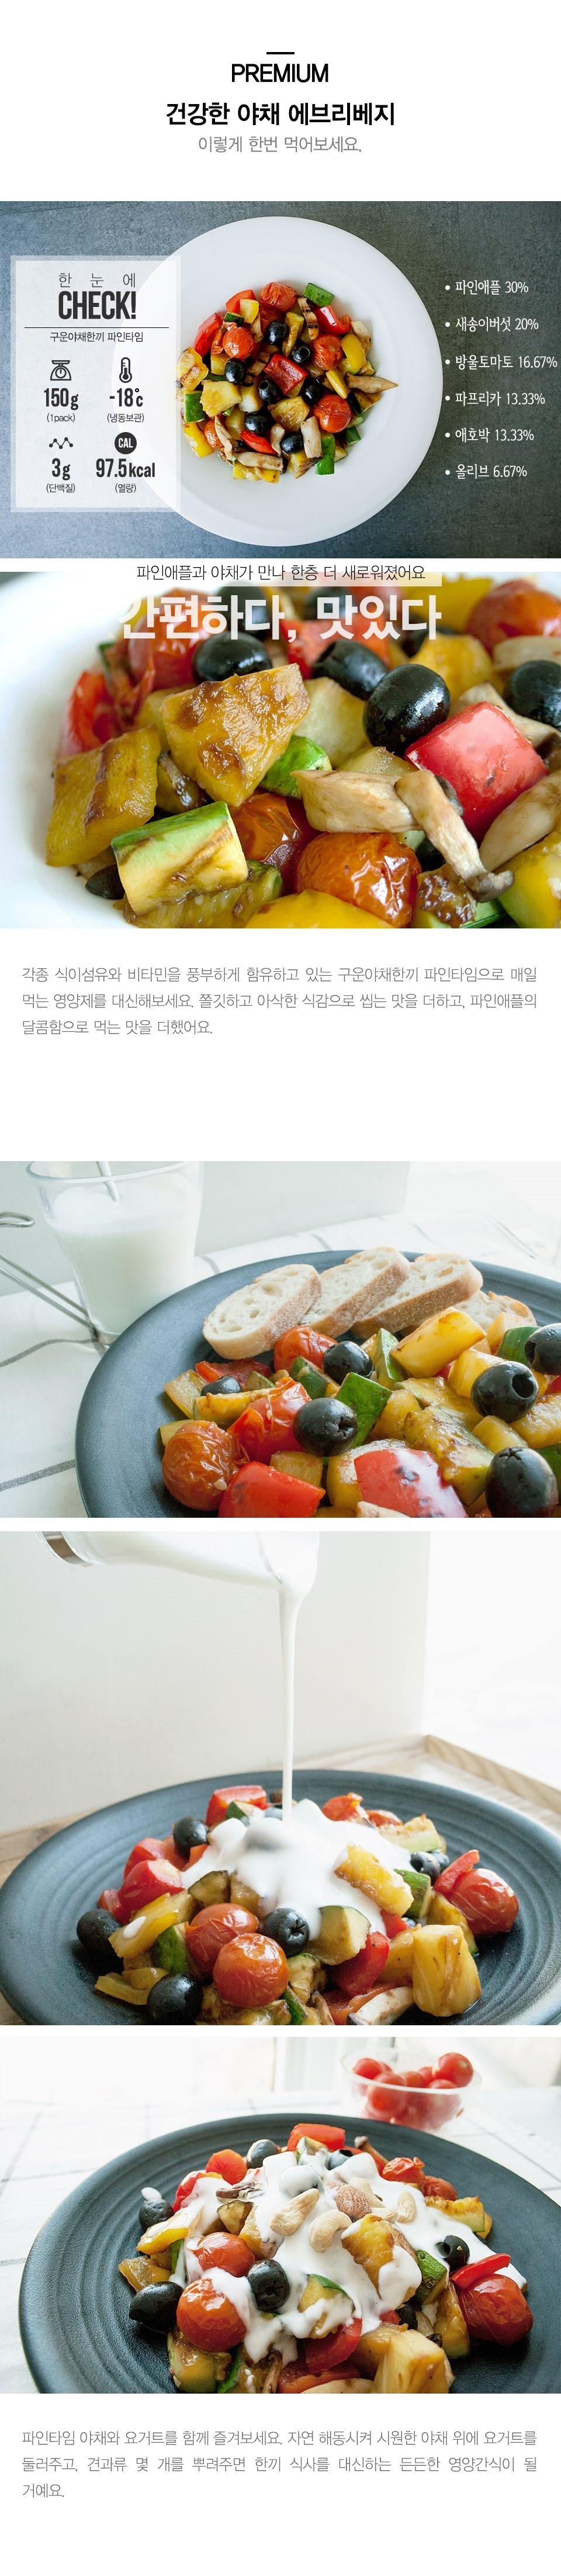 (모집)구운야채한끼 파인타임 체험단 모집(4.17~4.26)